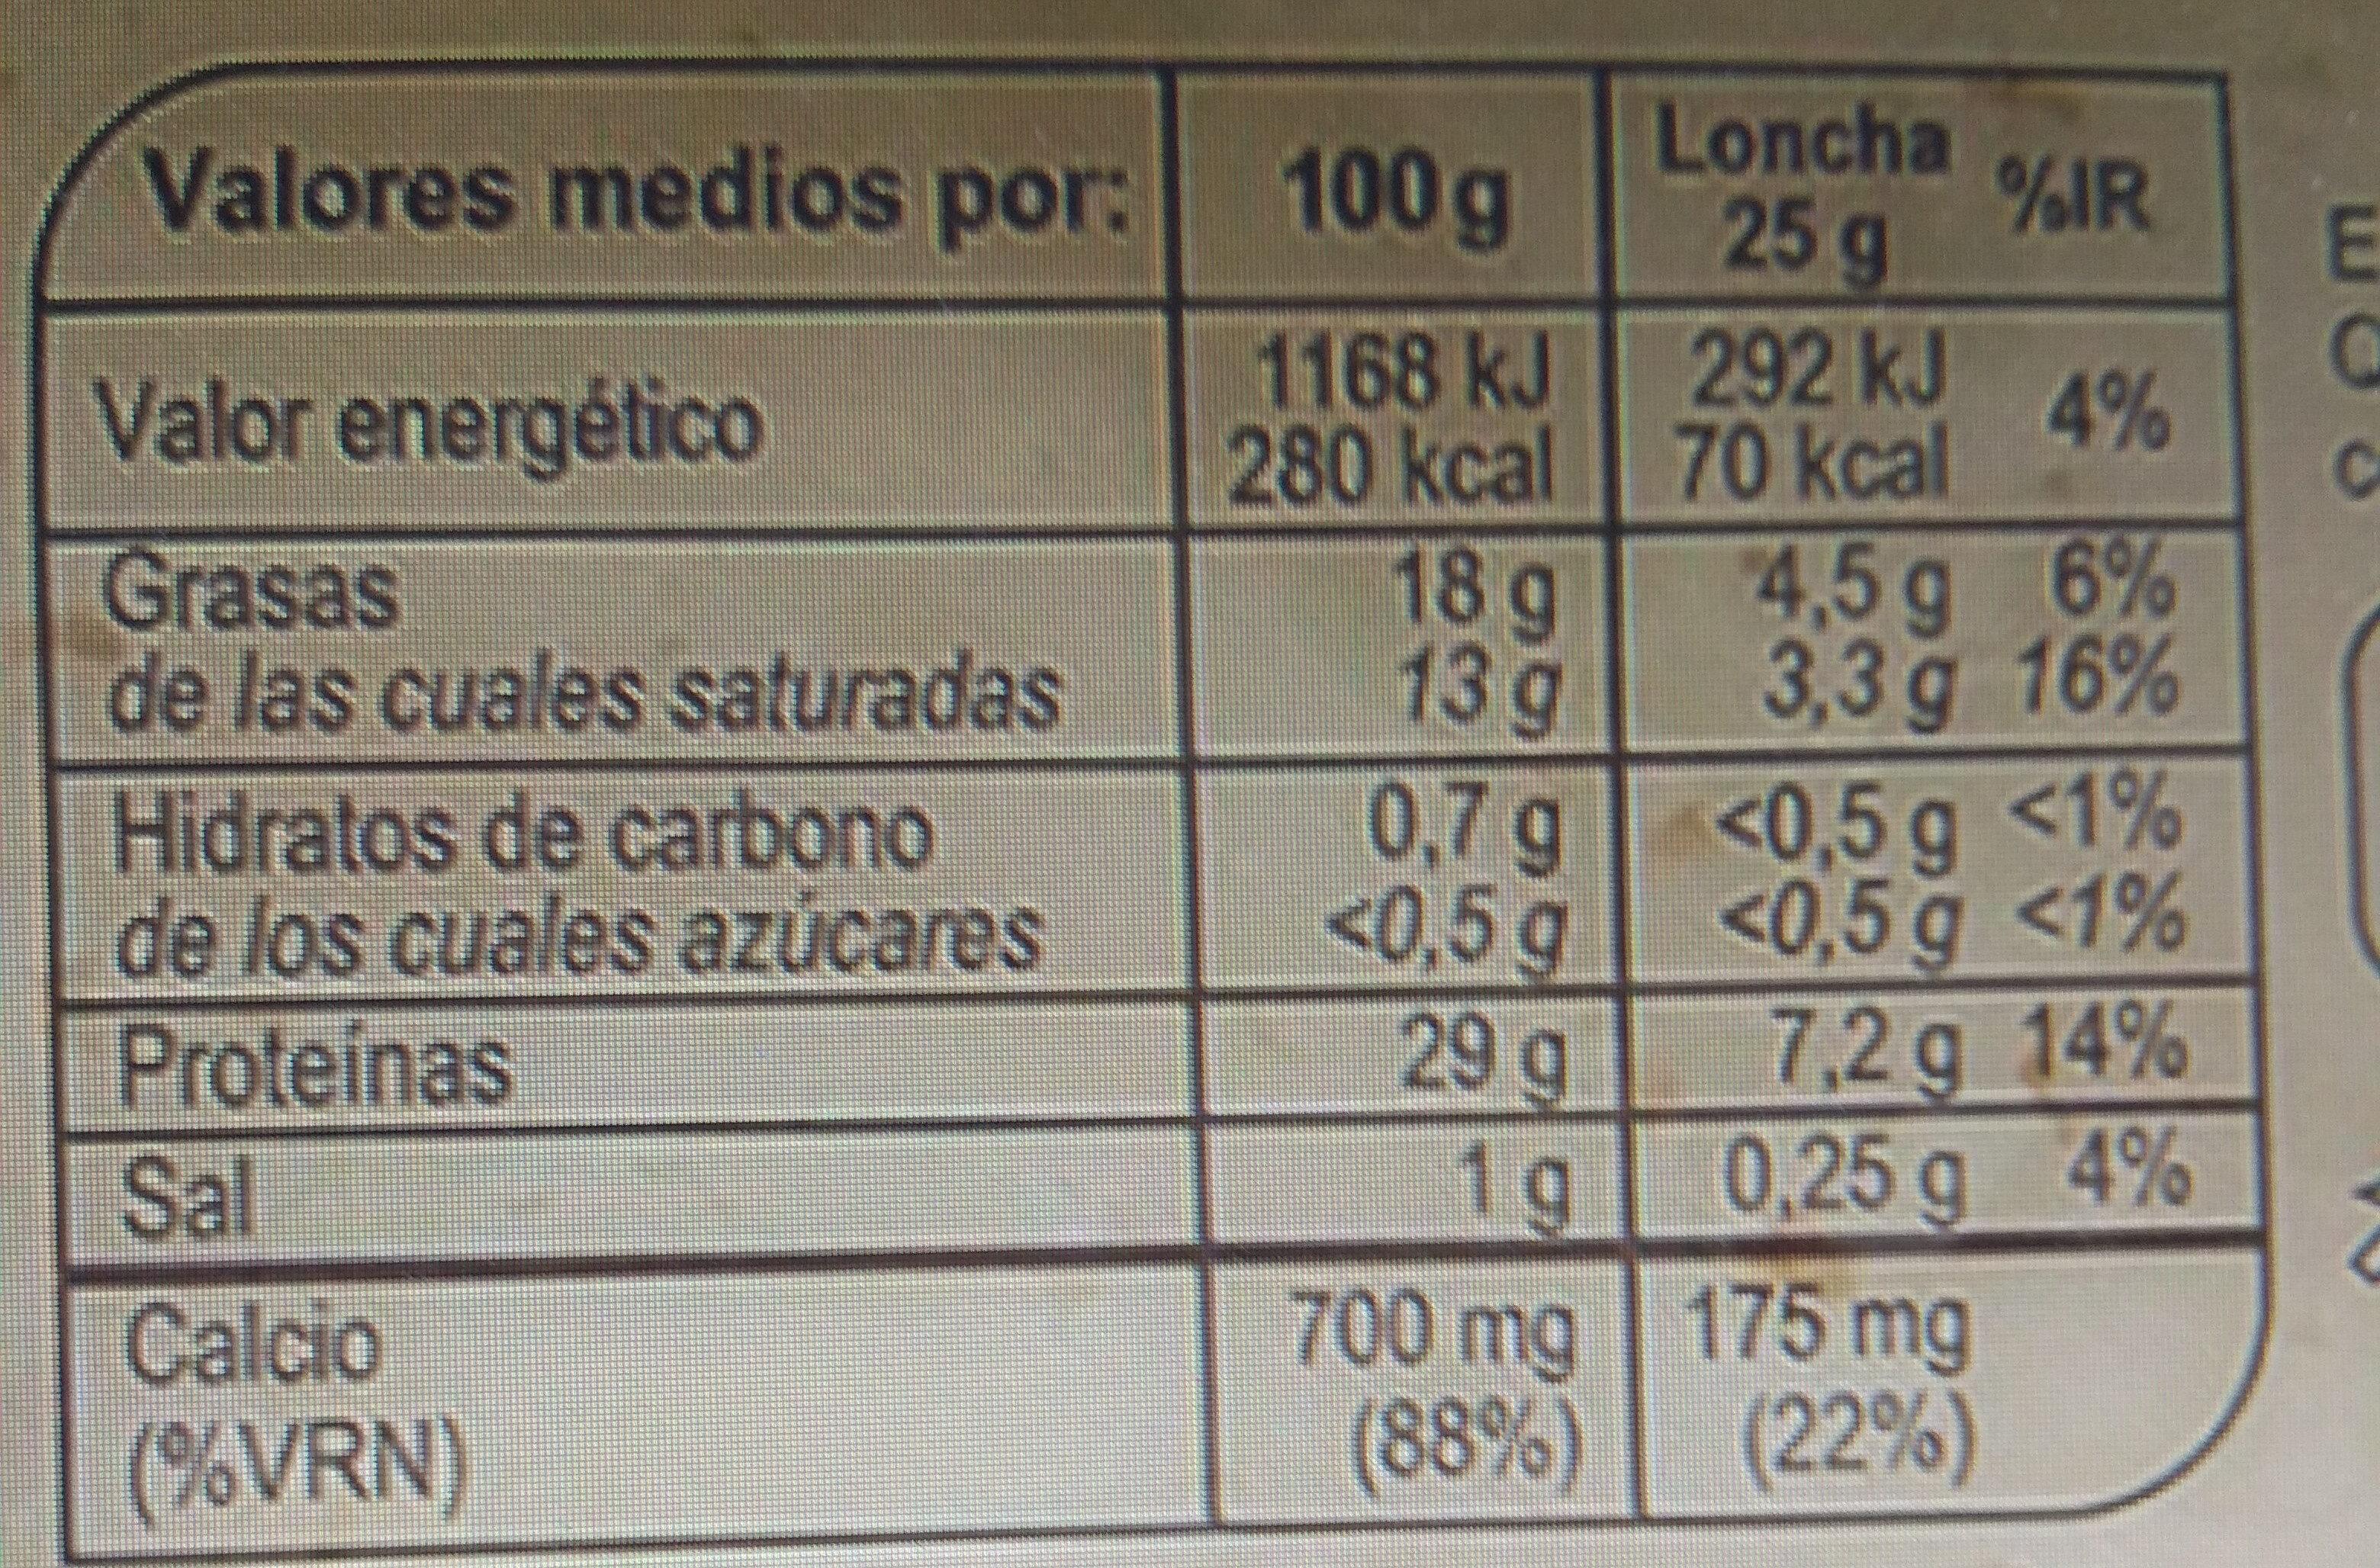 Queso tierno light - Informació nutricional